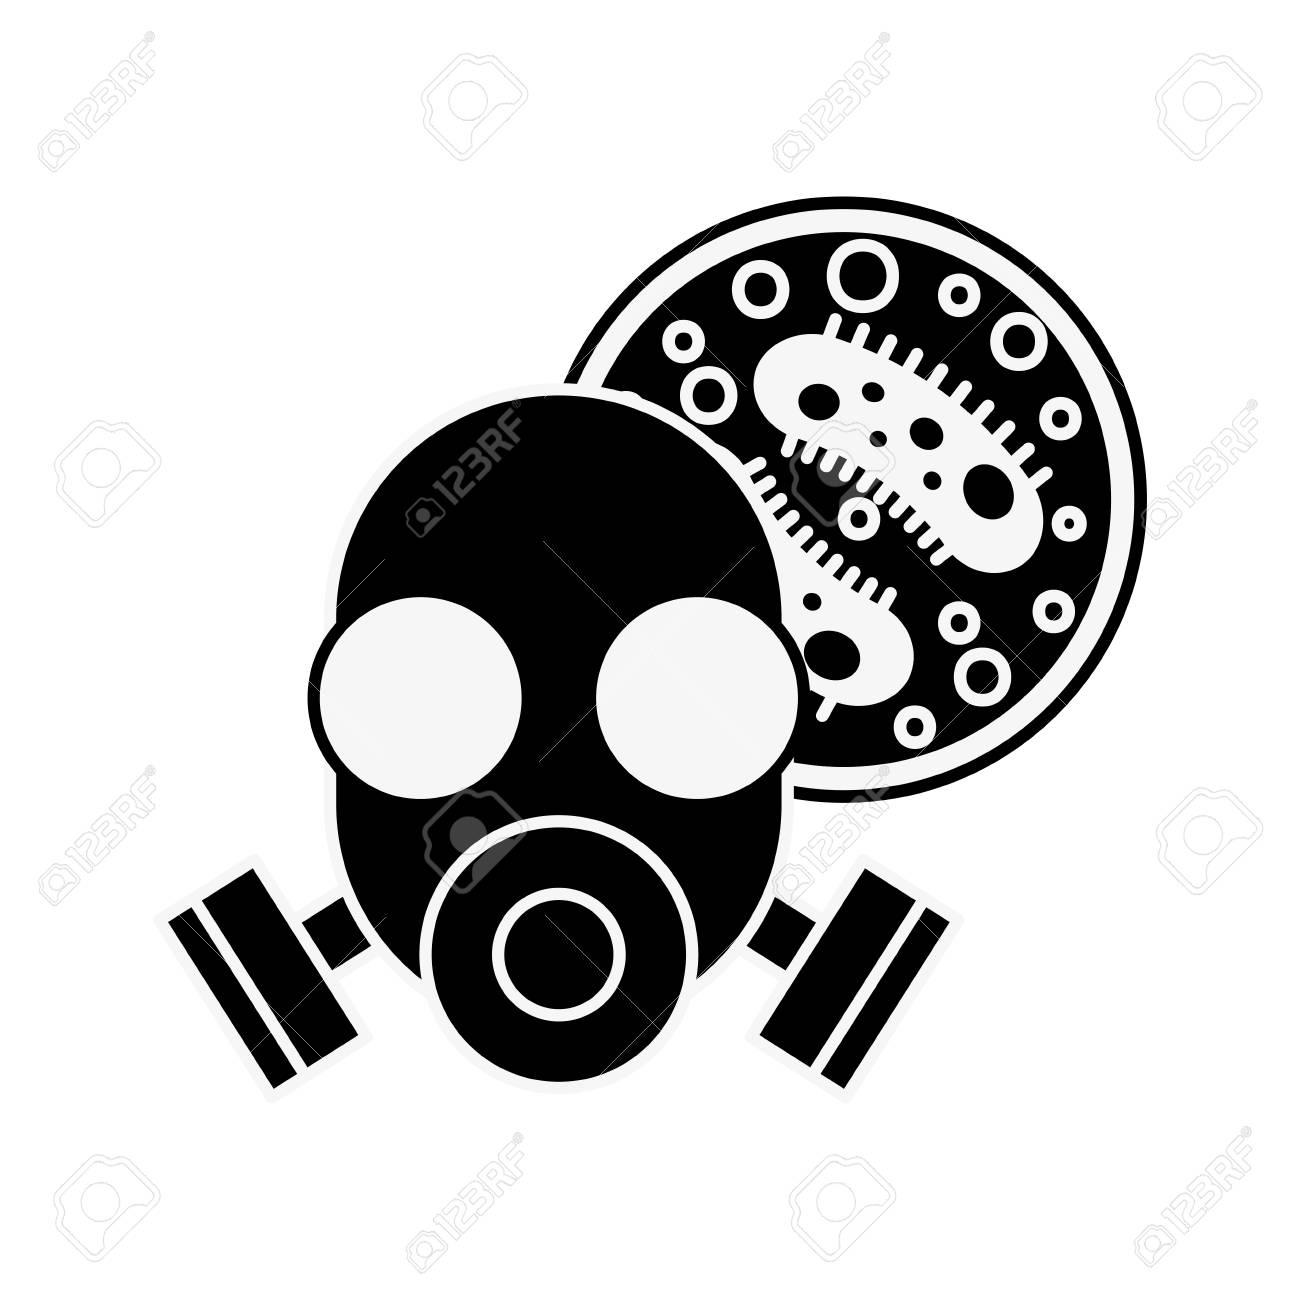 respirator mask for virus